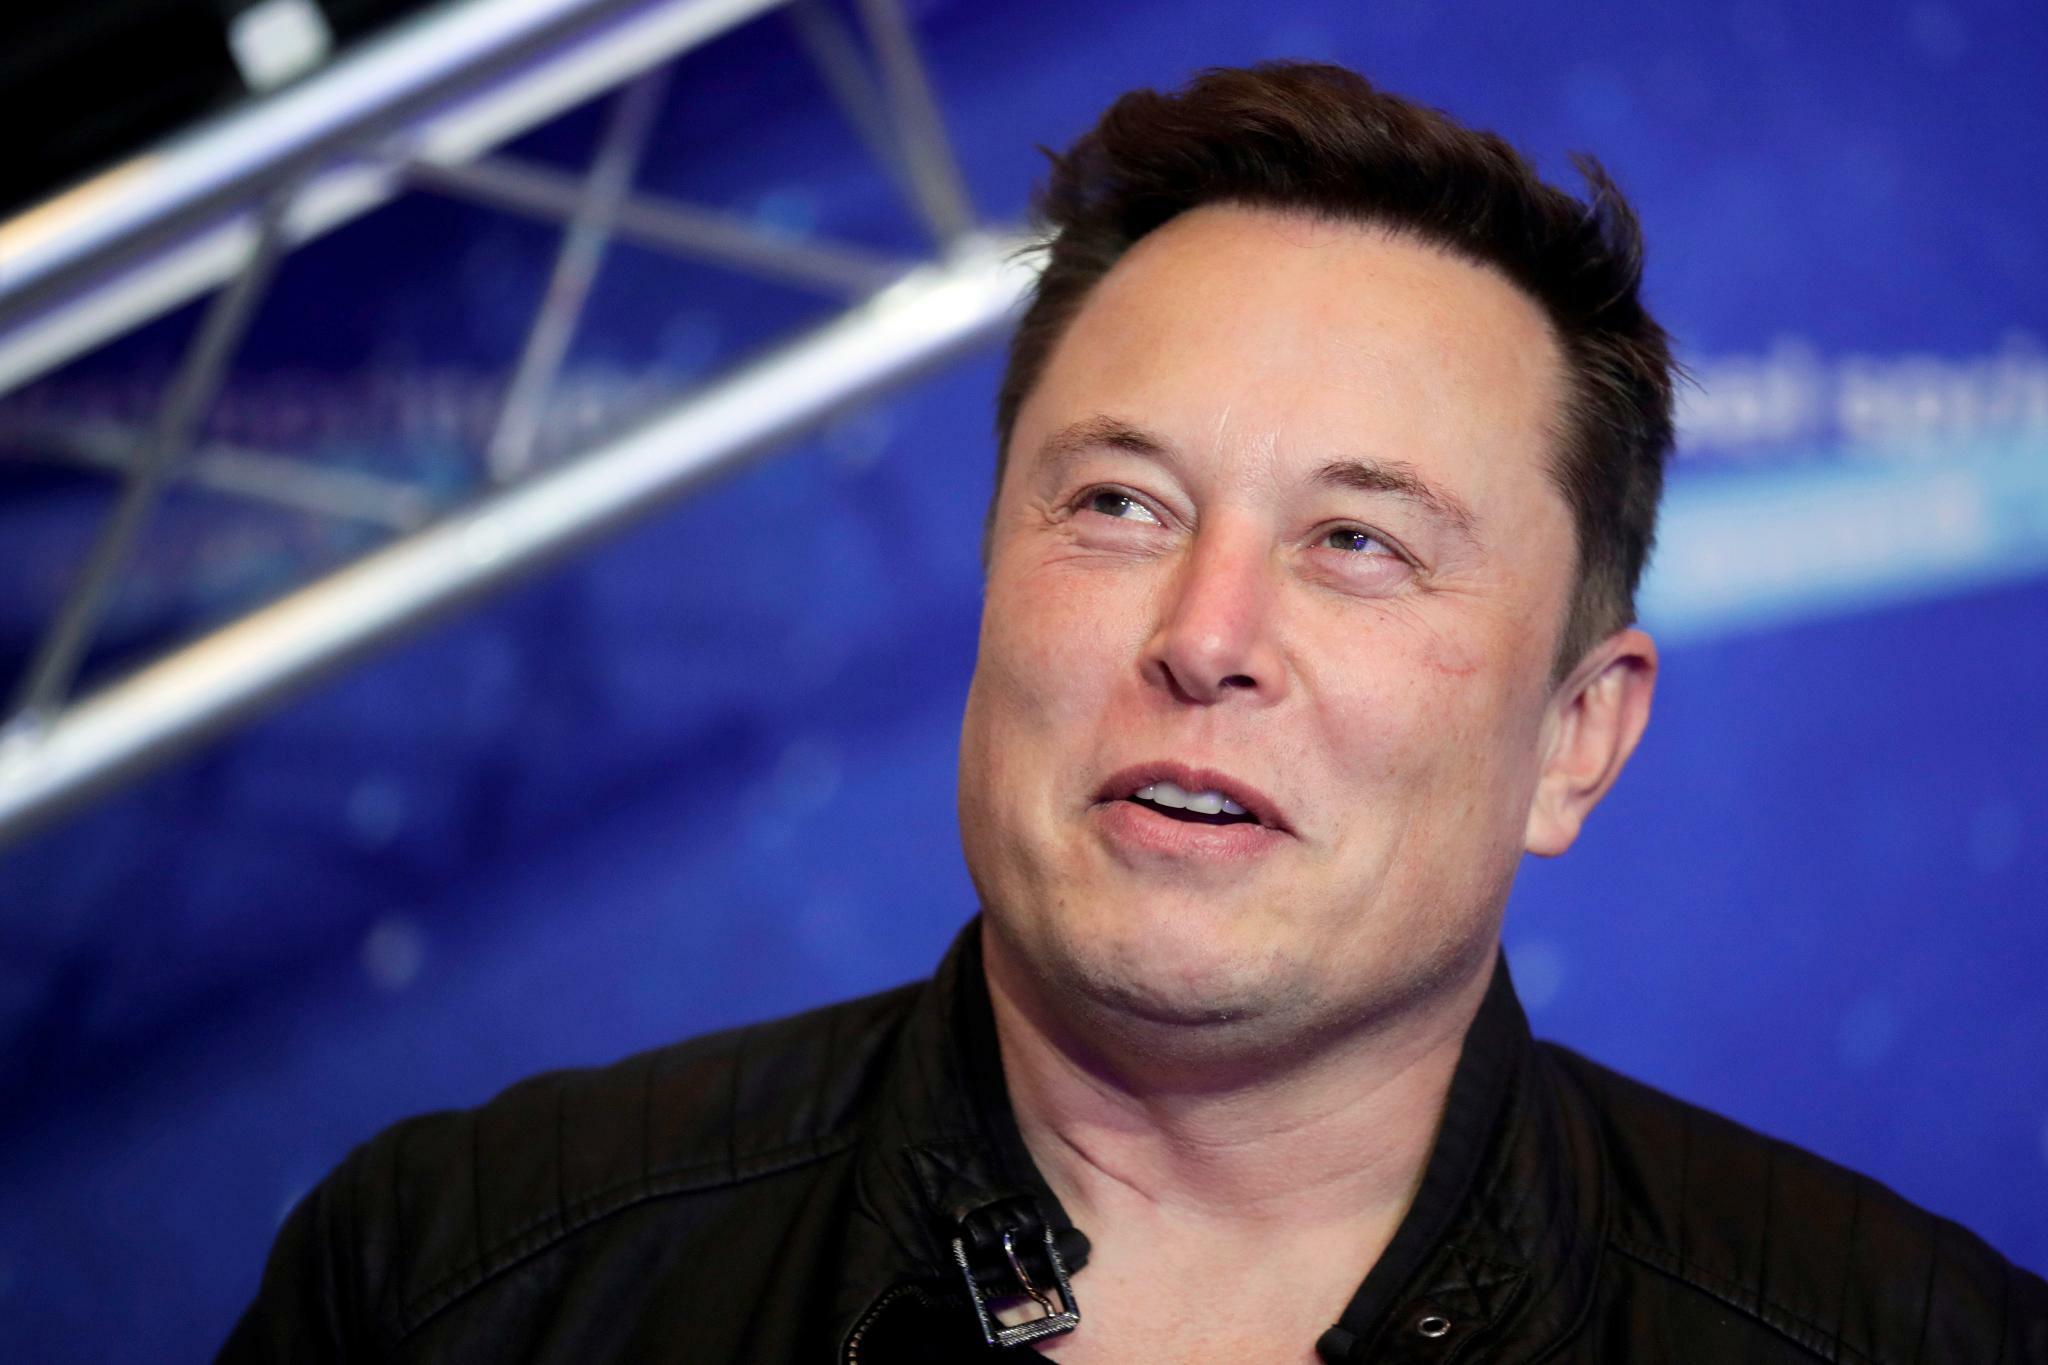 Musk diskutiert über Umwandlung des Firmenvermögens in Bitcoin